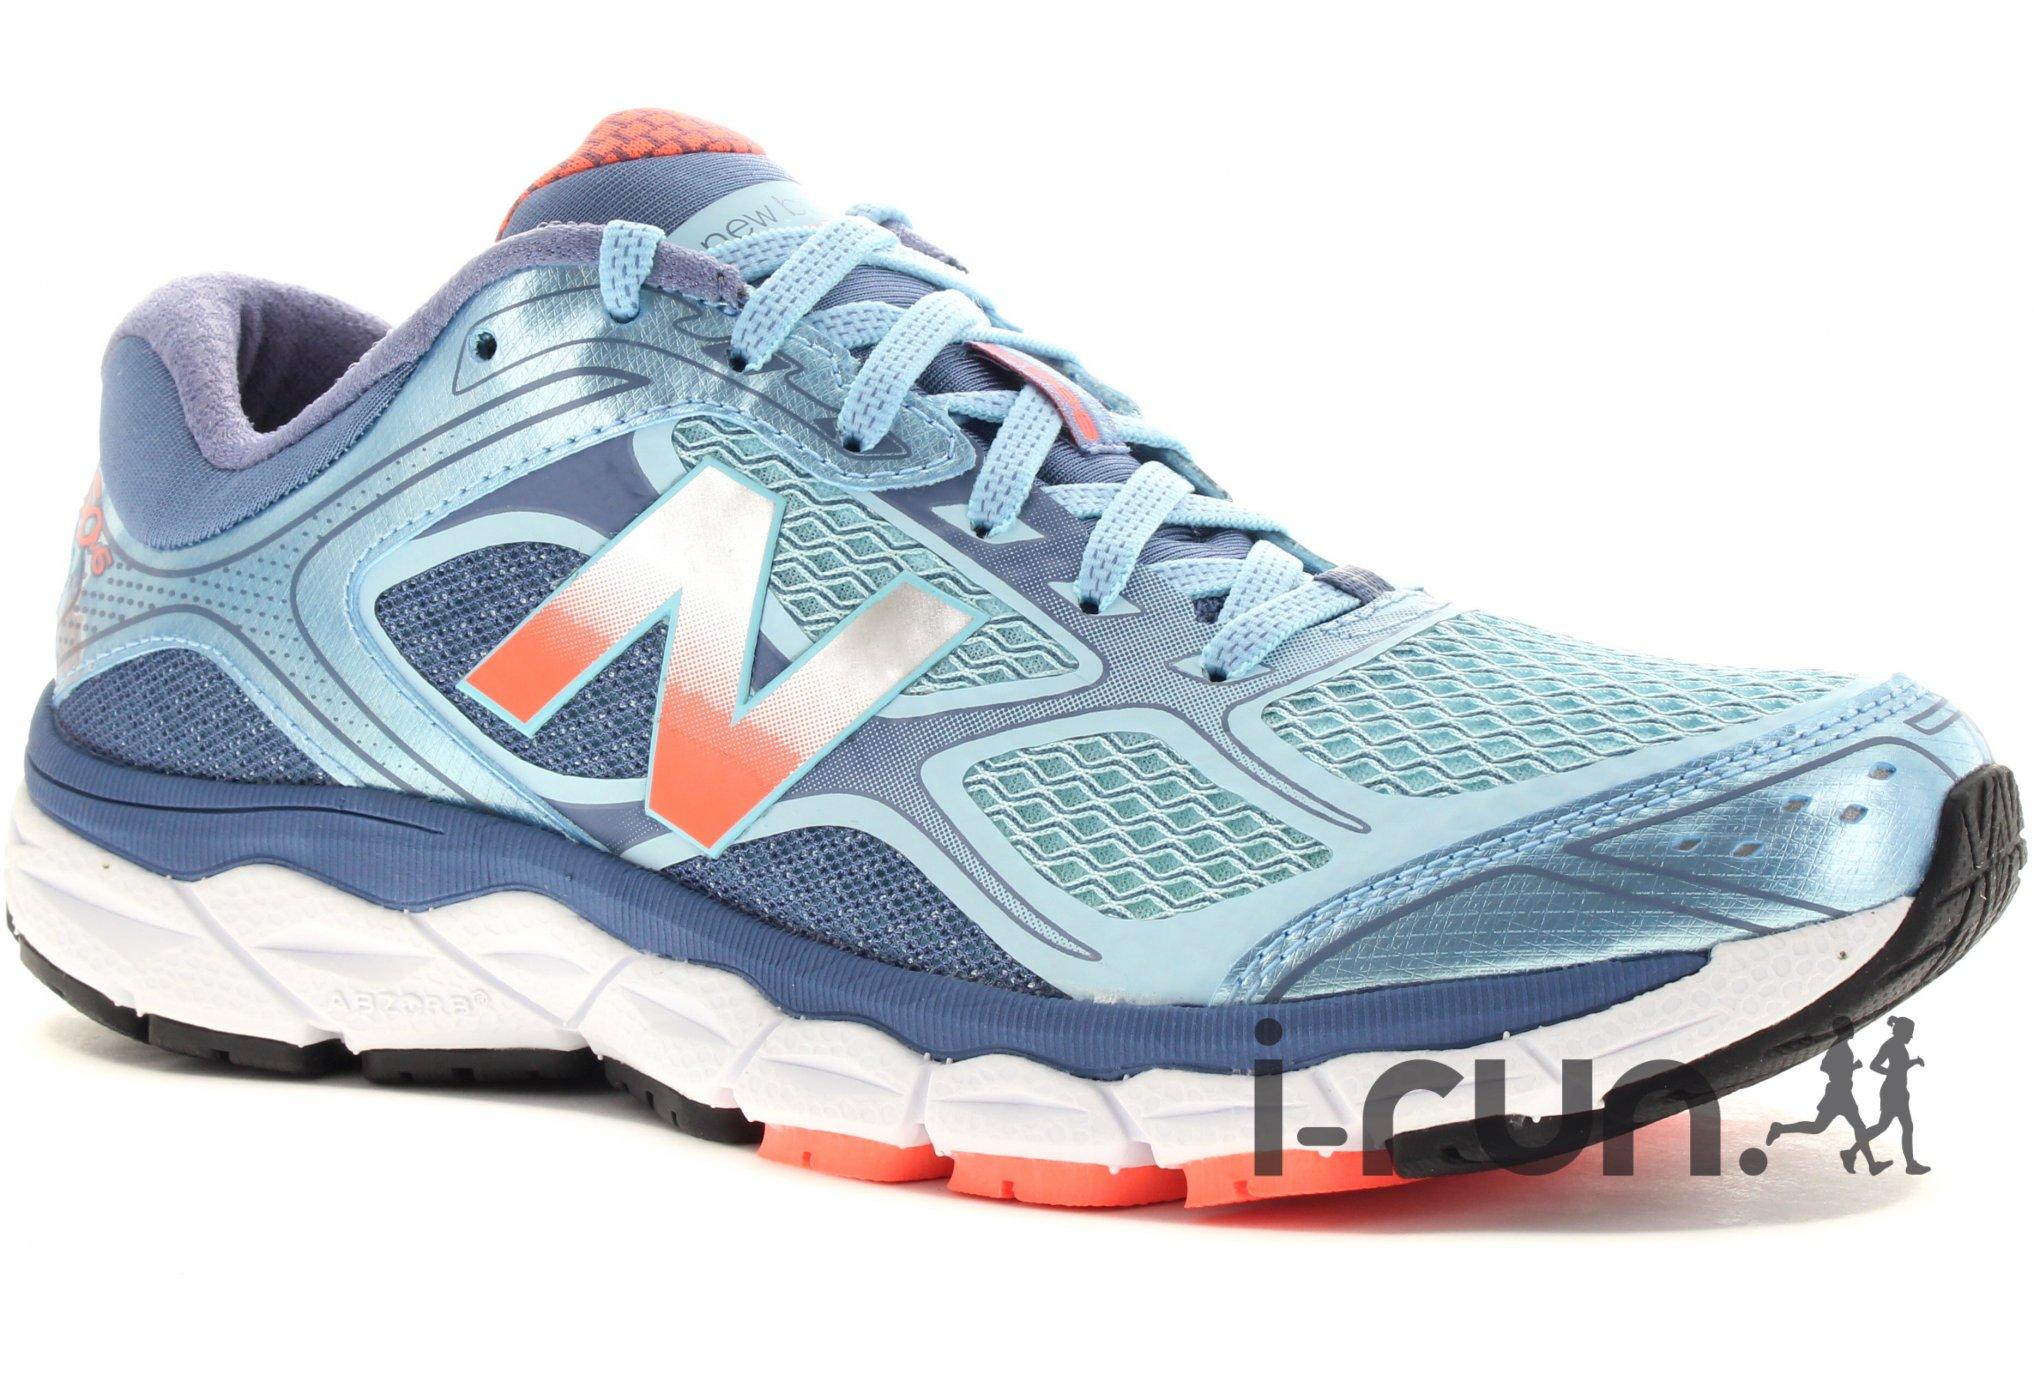 New Balance W 860 V6 - 2A Chaussures running femme